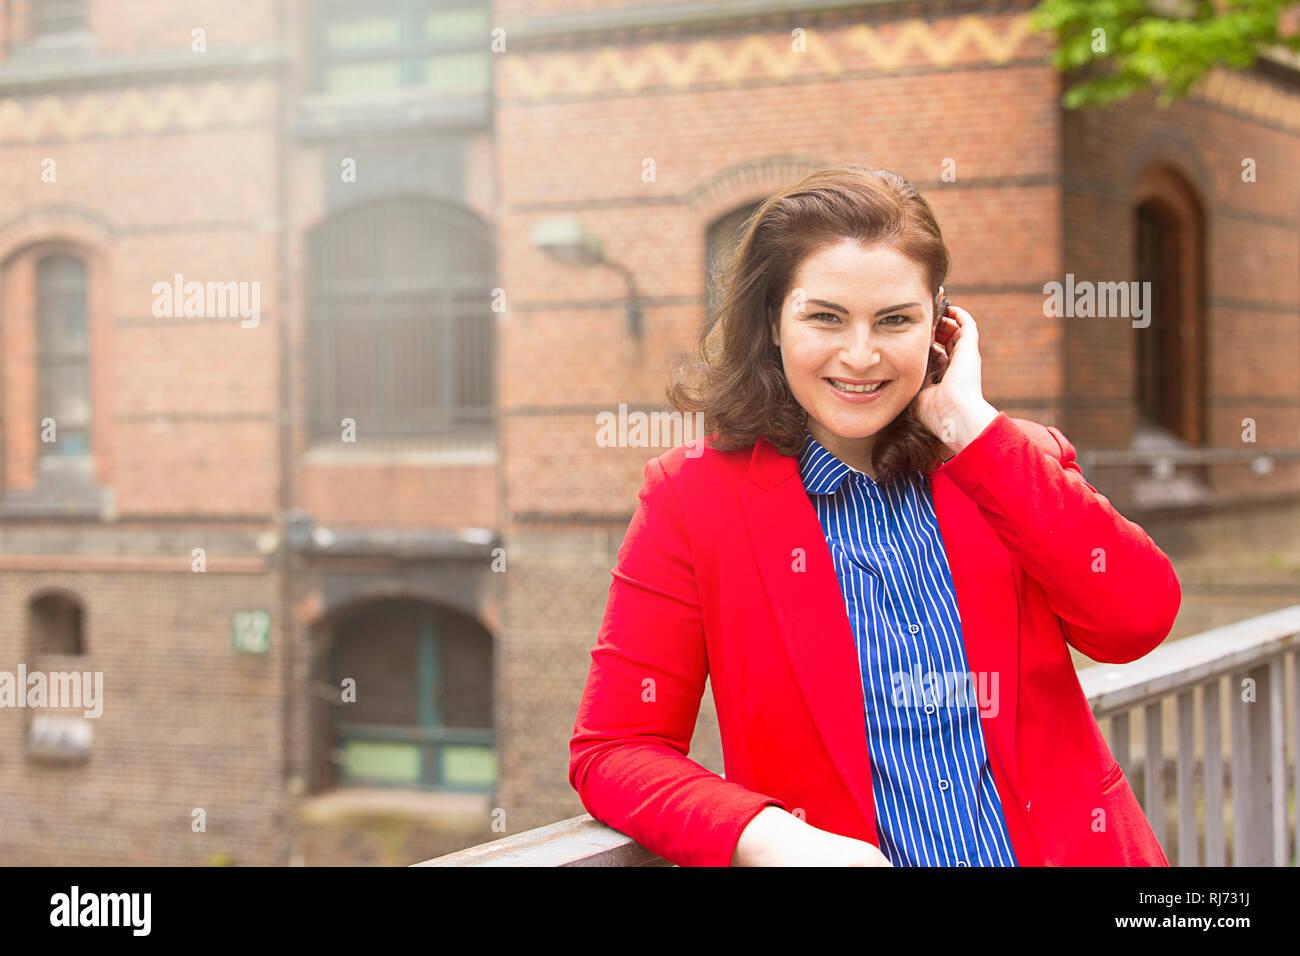 Frau, lächeln, Blazer, rot, Geländer, anlehnen, Halbporträt, - Stock Image